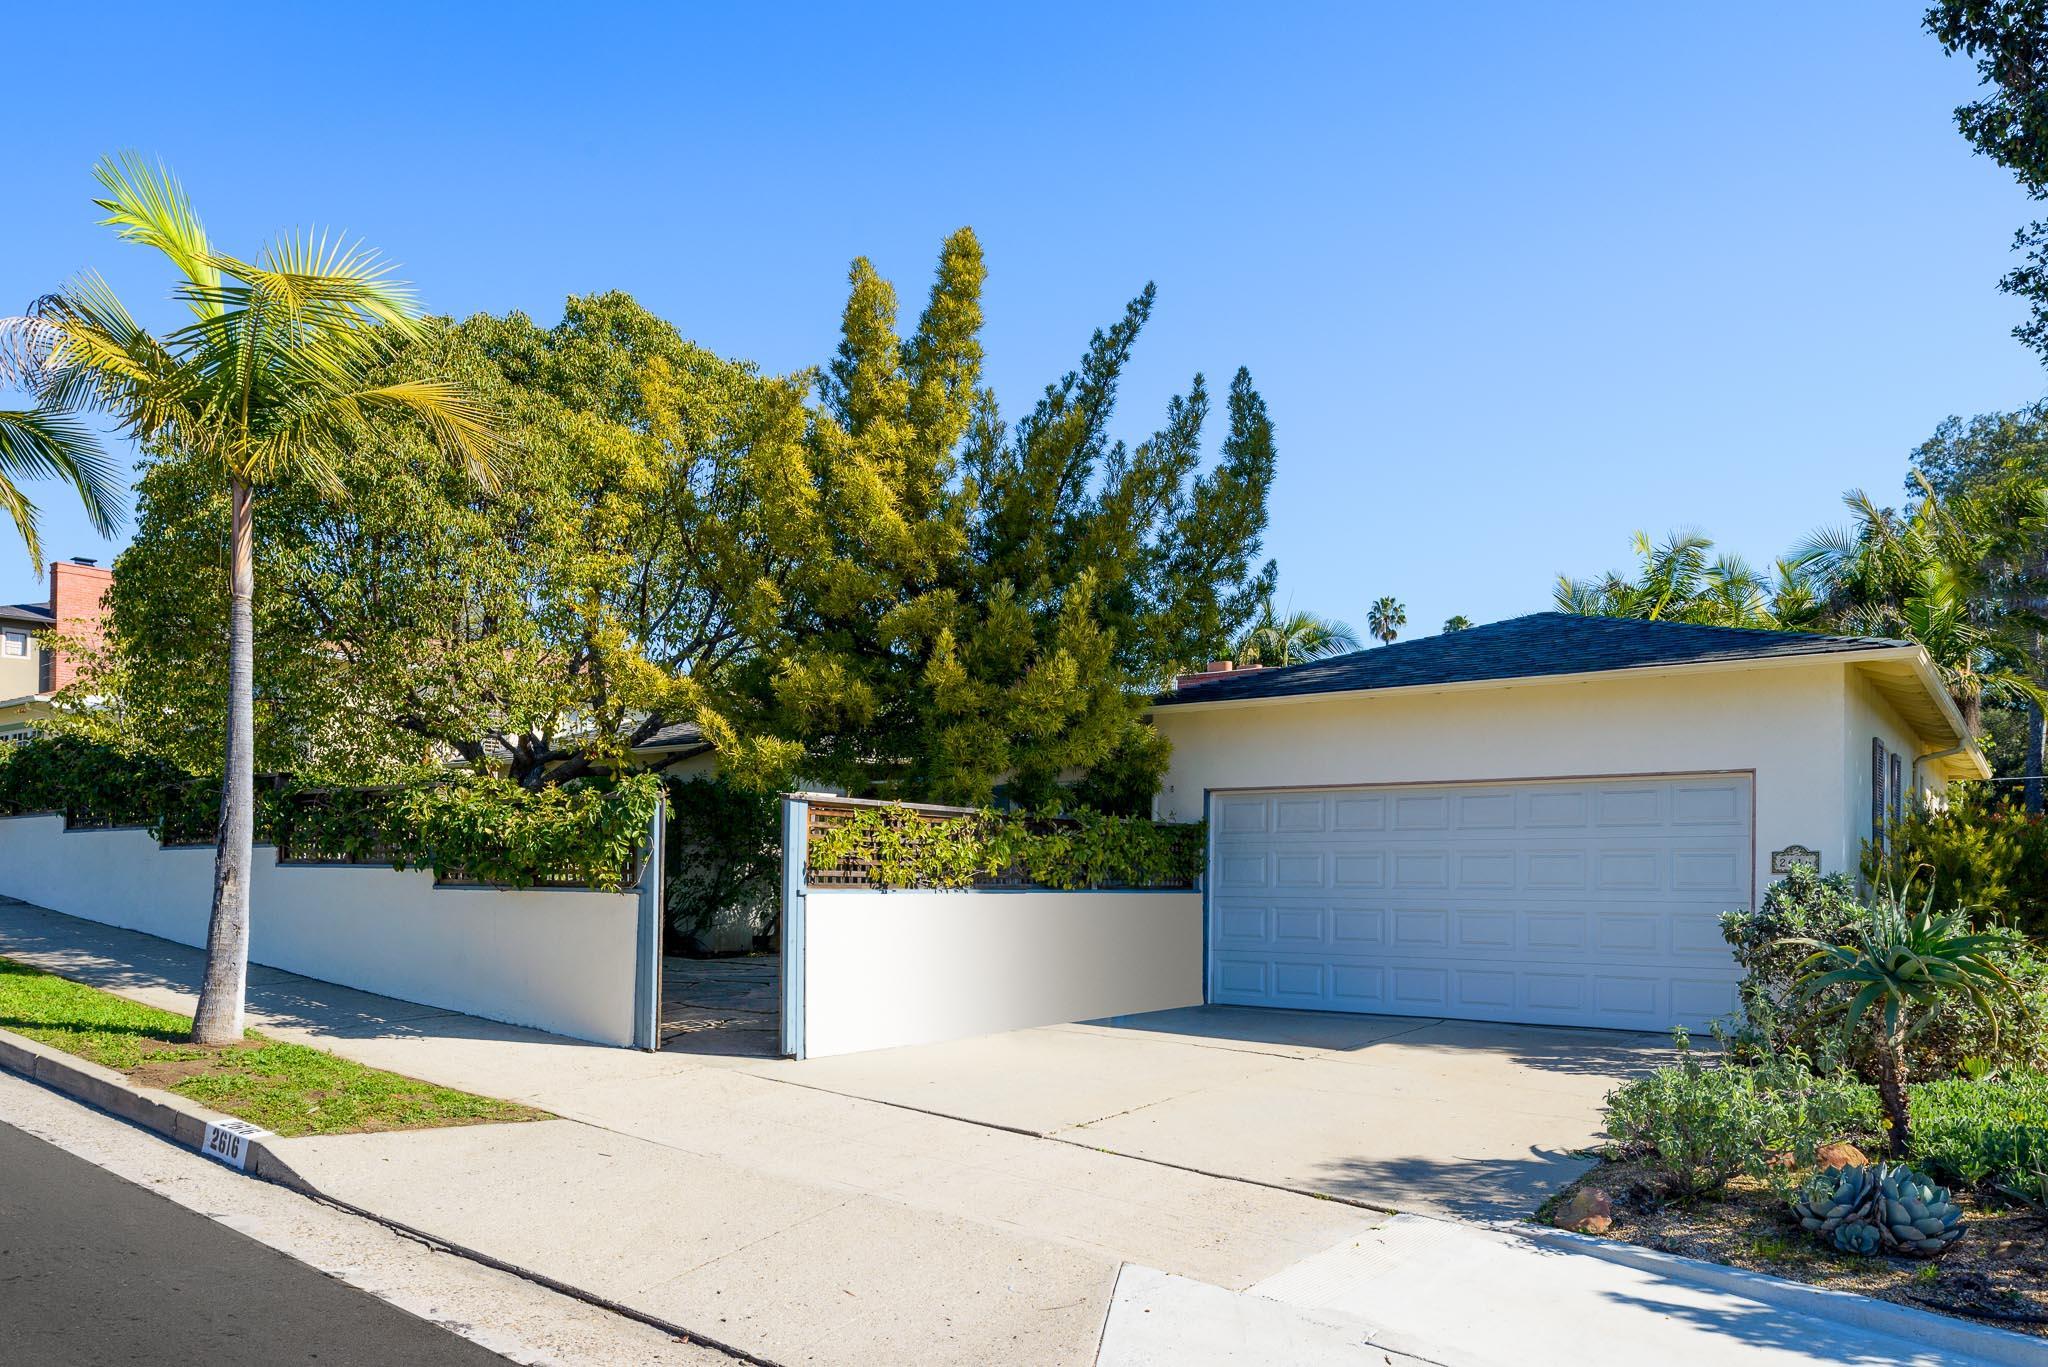 2616 Clinton Terrace, SANTA BARBARA, CA 93105 (MLS# 19-513)  